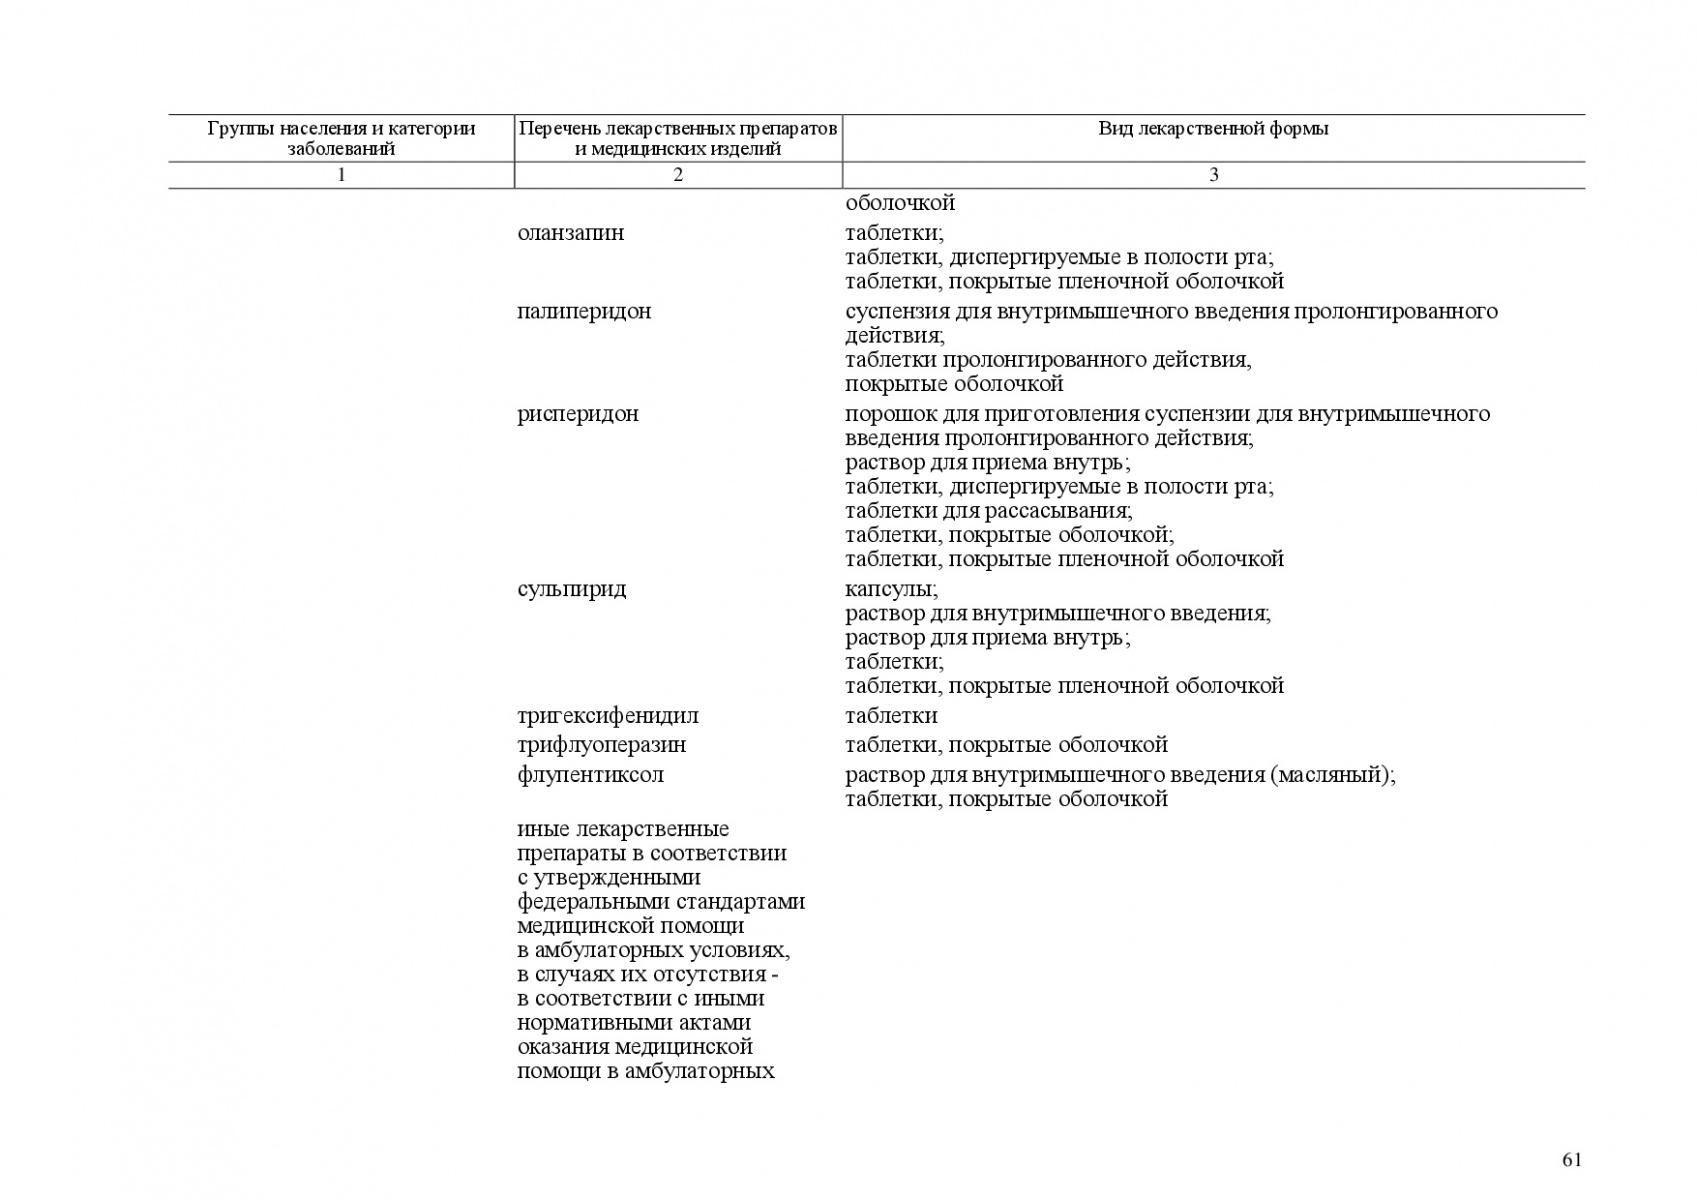 Prilozhenie-6-127-OD-061